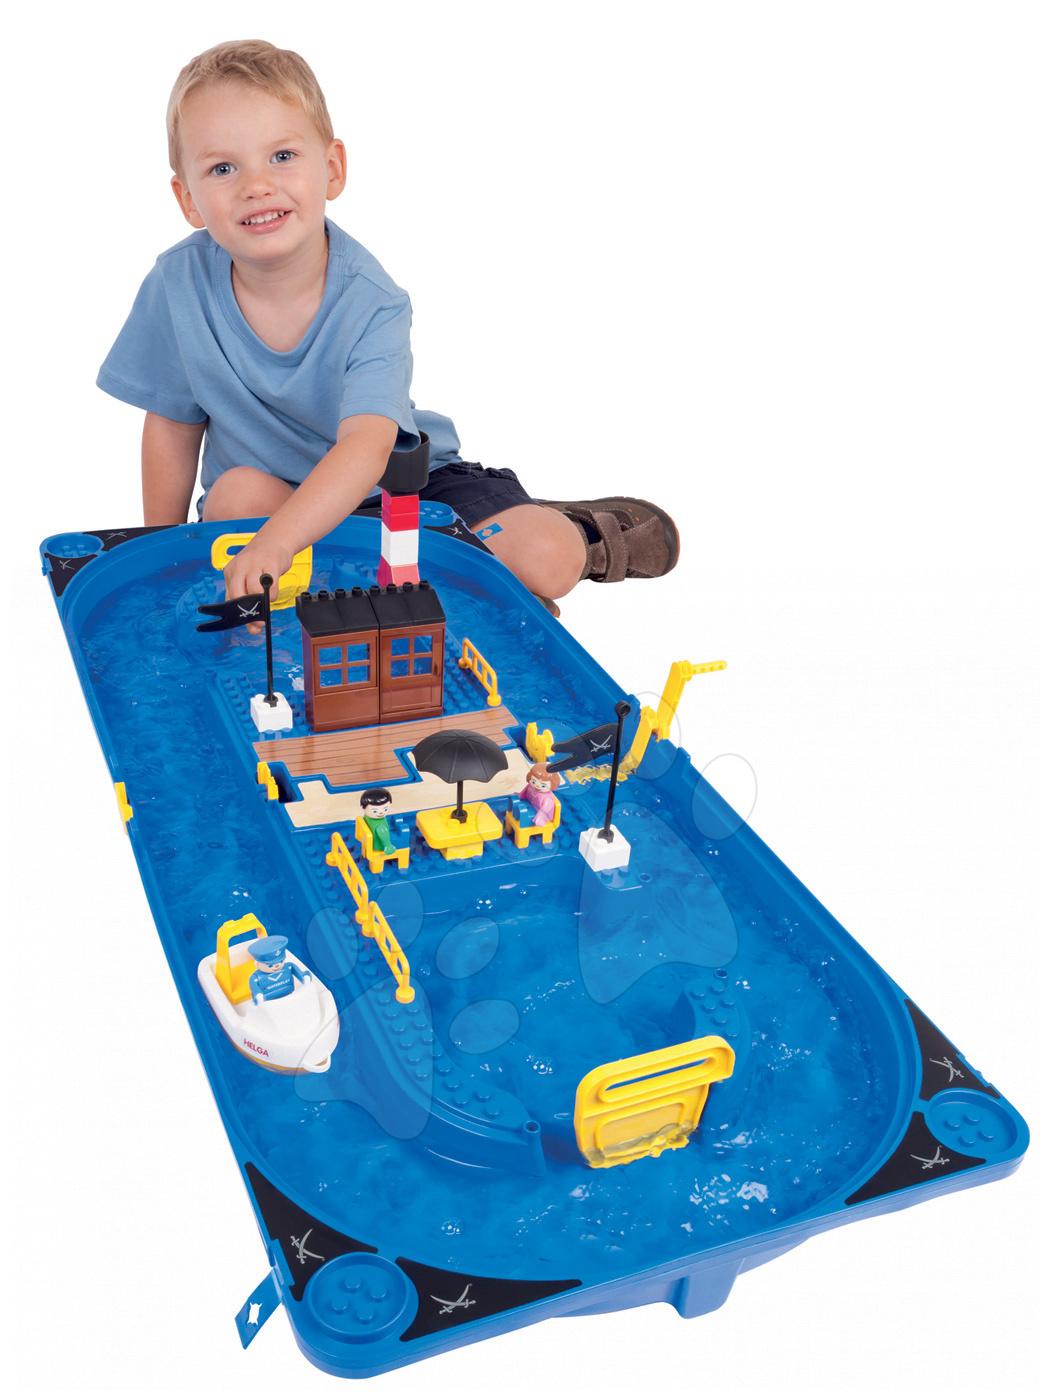 Vodne dráhy pre deti - Vodná hra Waterplay Sansibar BIG v kufríku s 3 figúrkami - 37 dielov